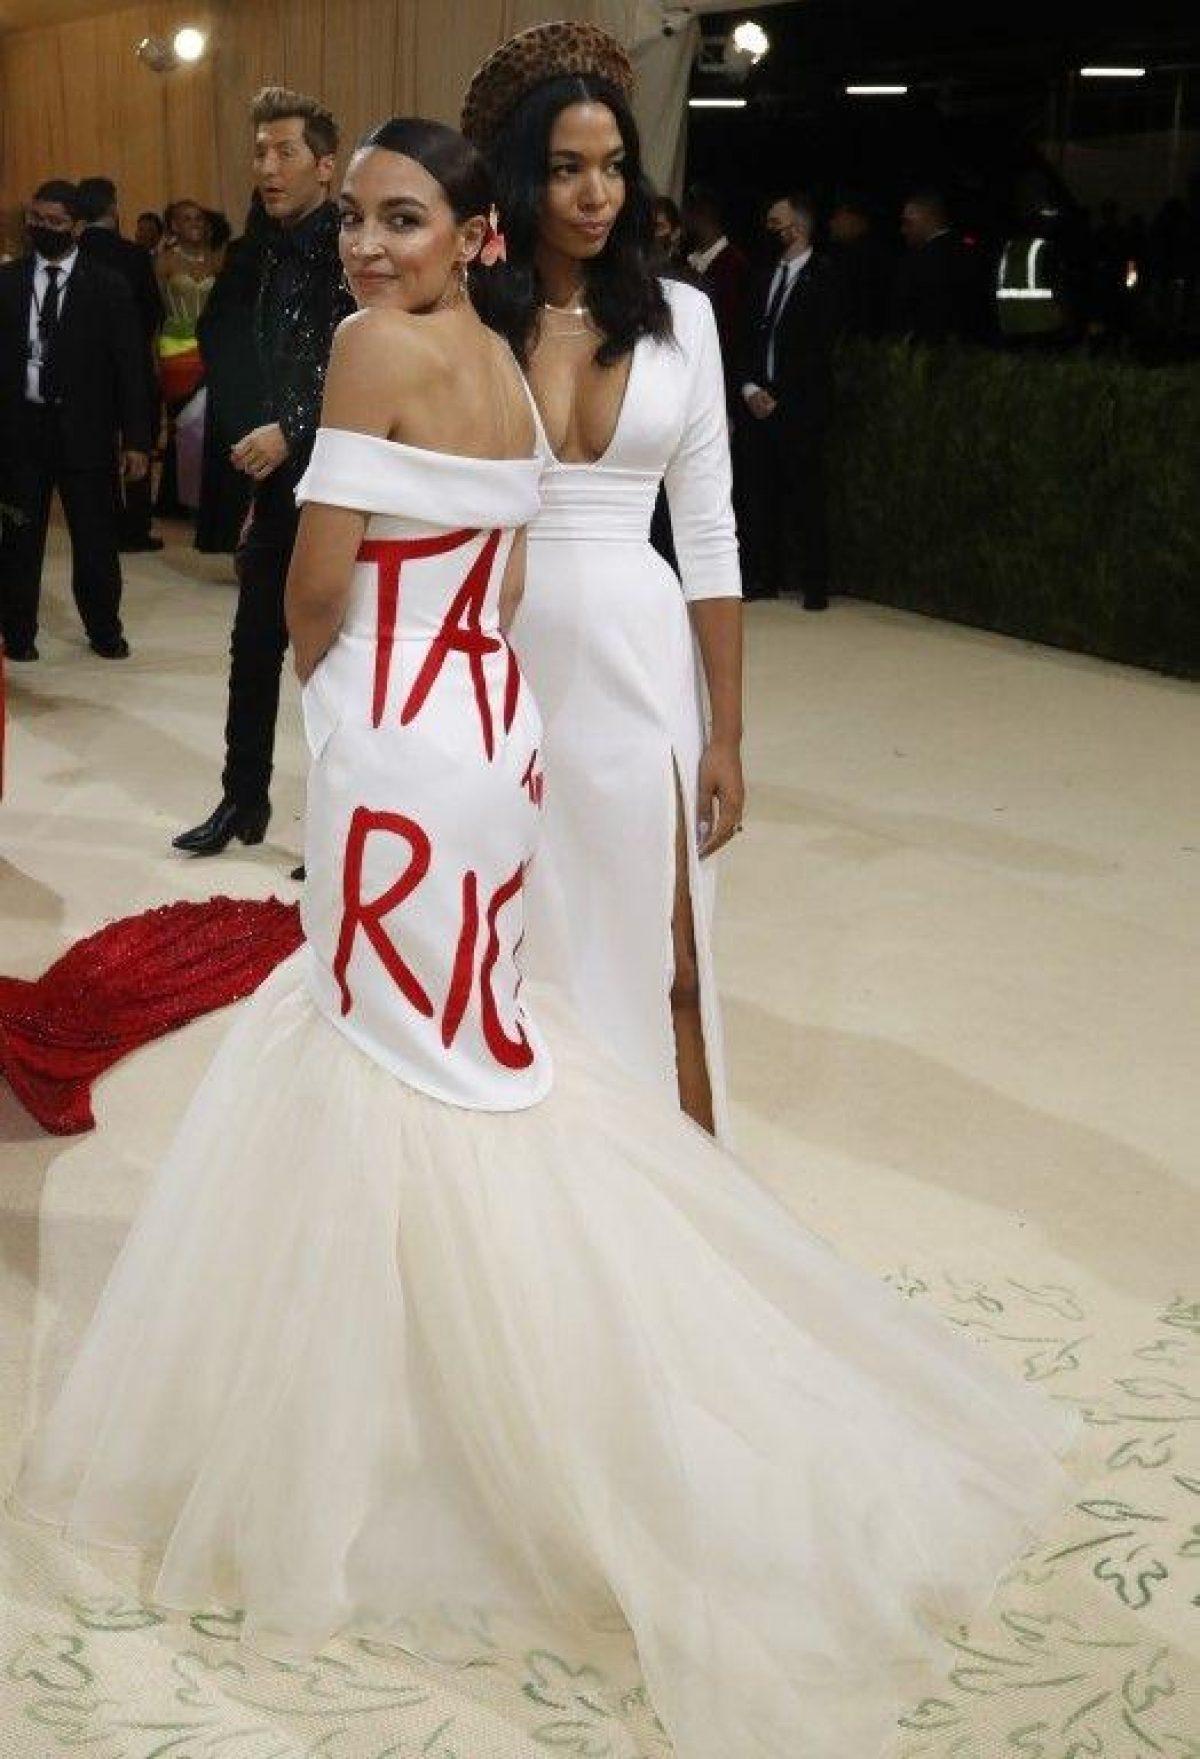 """La congresista demócrata Alexandria Ocasio-Cortez llevaba un vestido que decía """"Tax the rich"""" (suban los impuestos a los ricos).  Foto: REUTERS."""